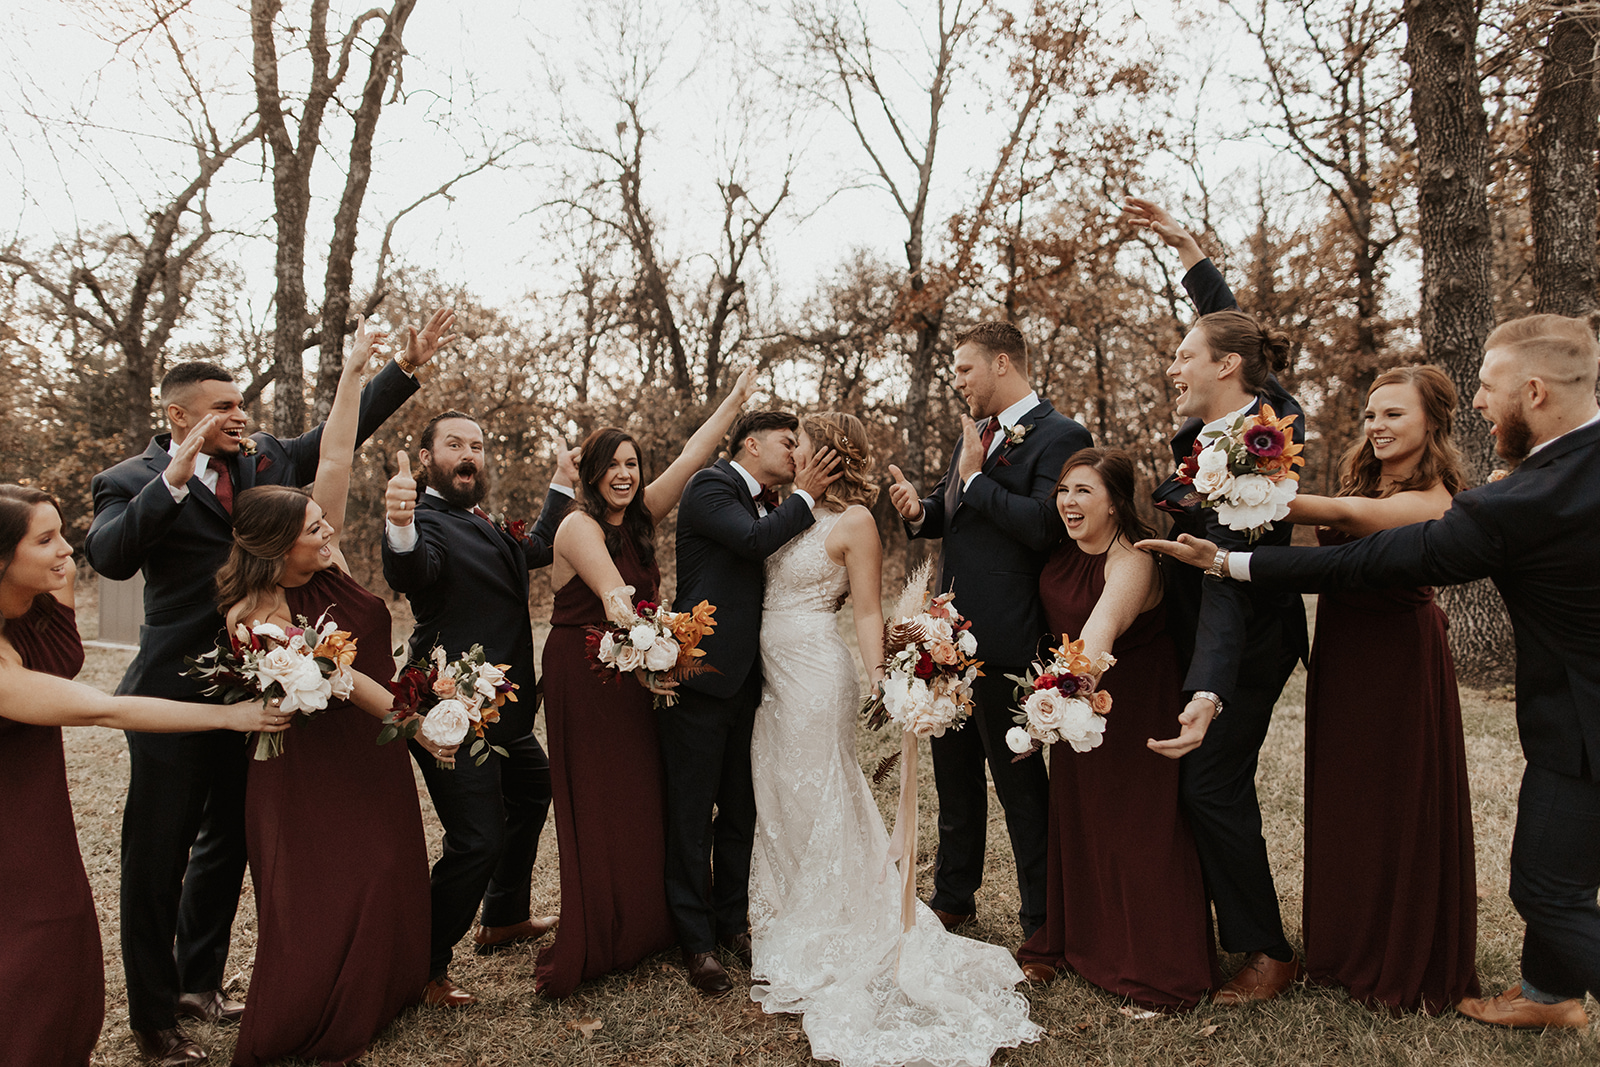 weddingparty-5.jpg